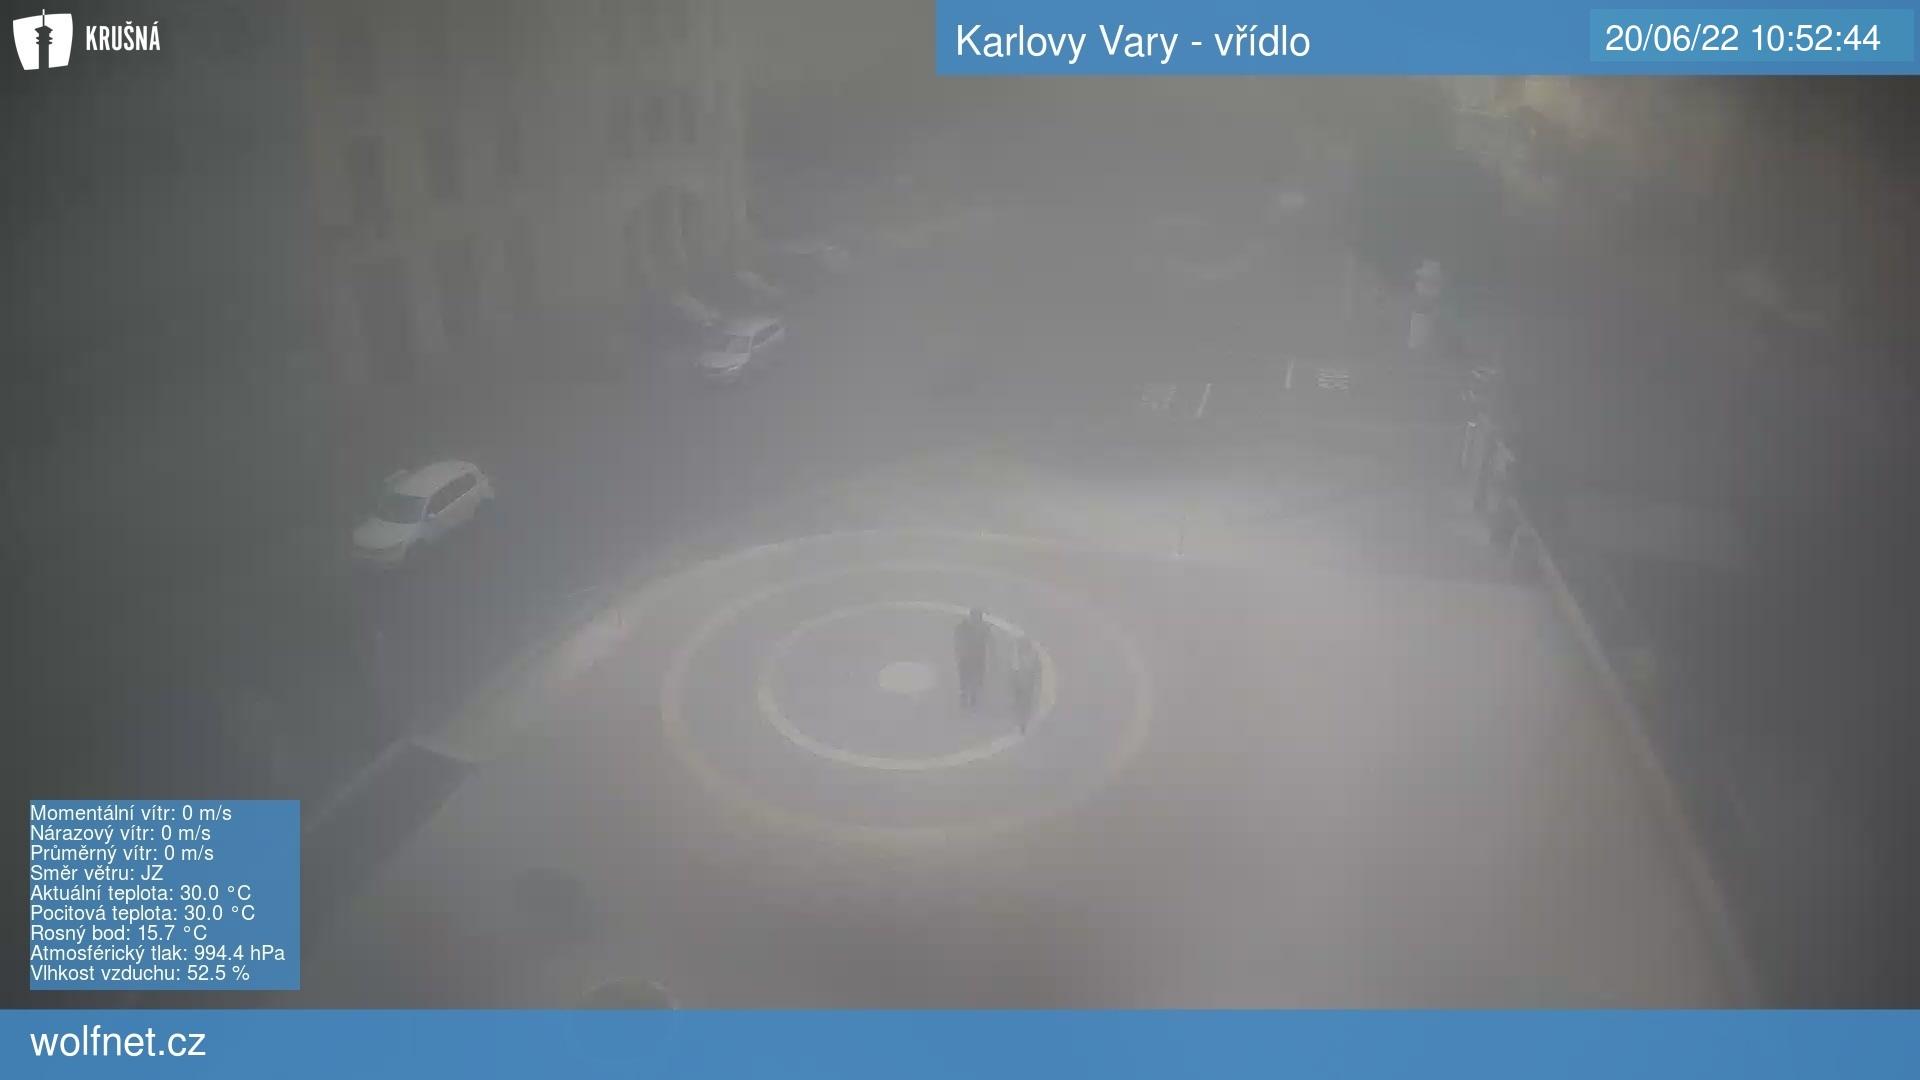 Webkamera Karlovy Vary vřídlo